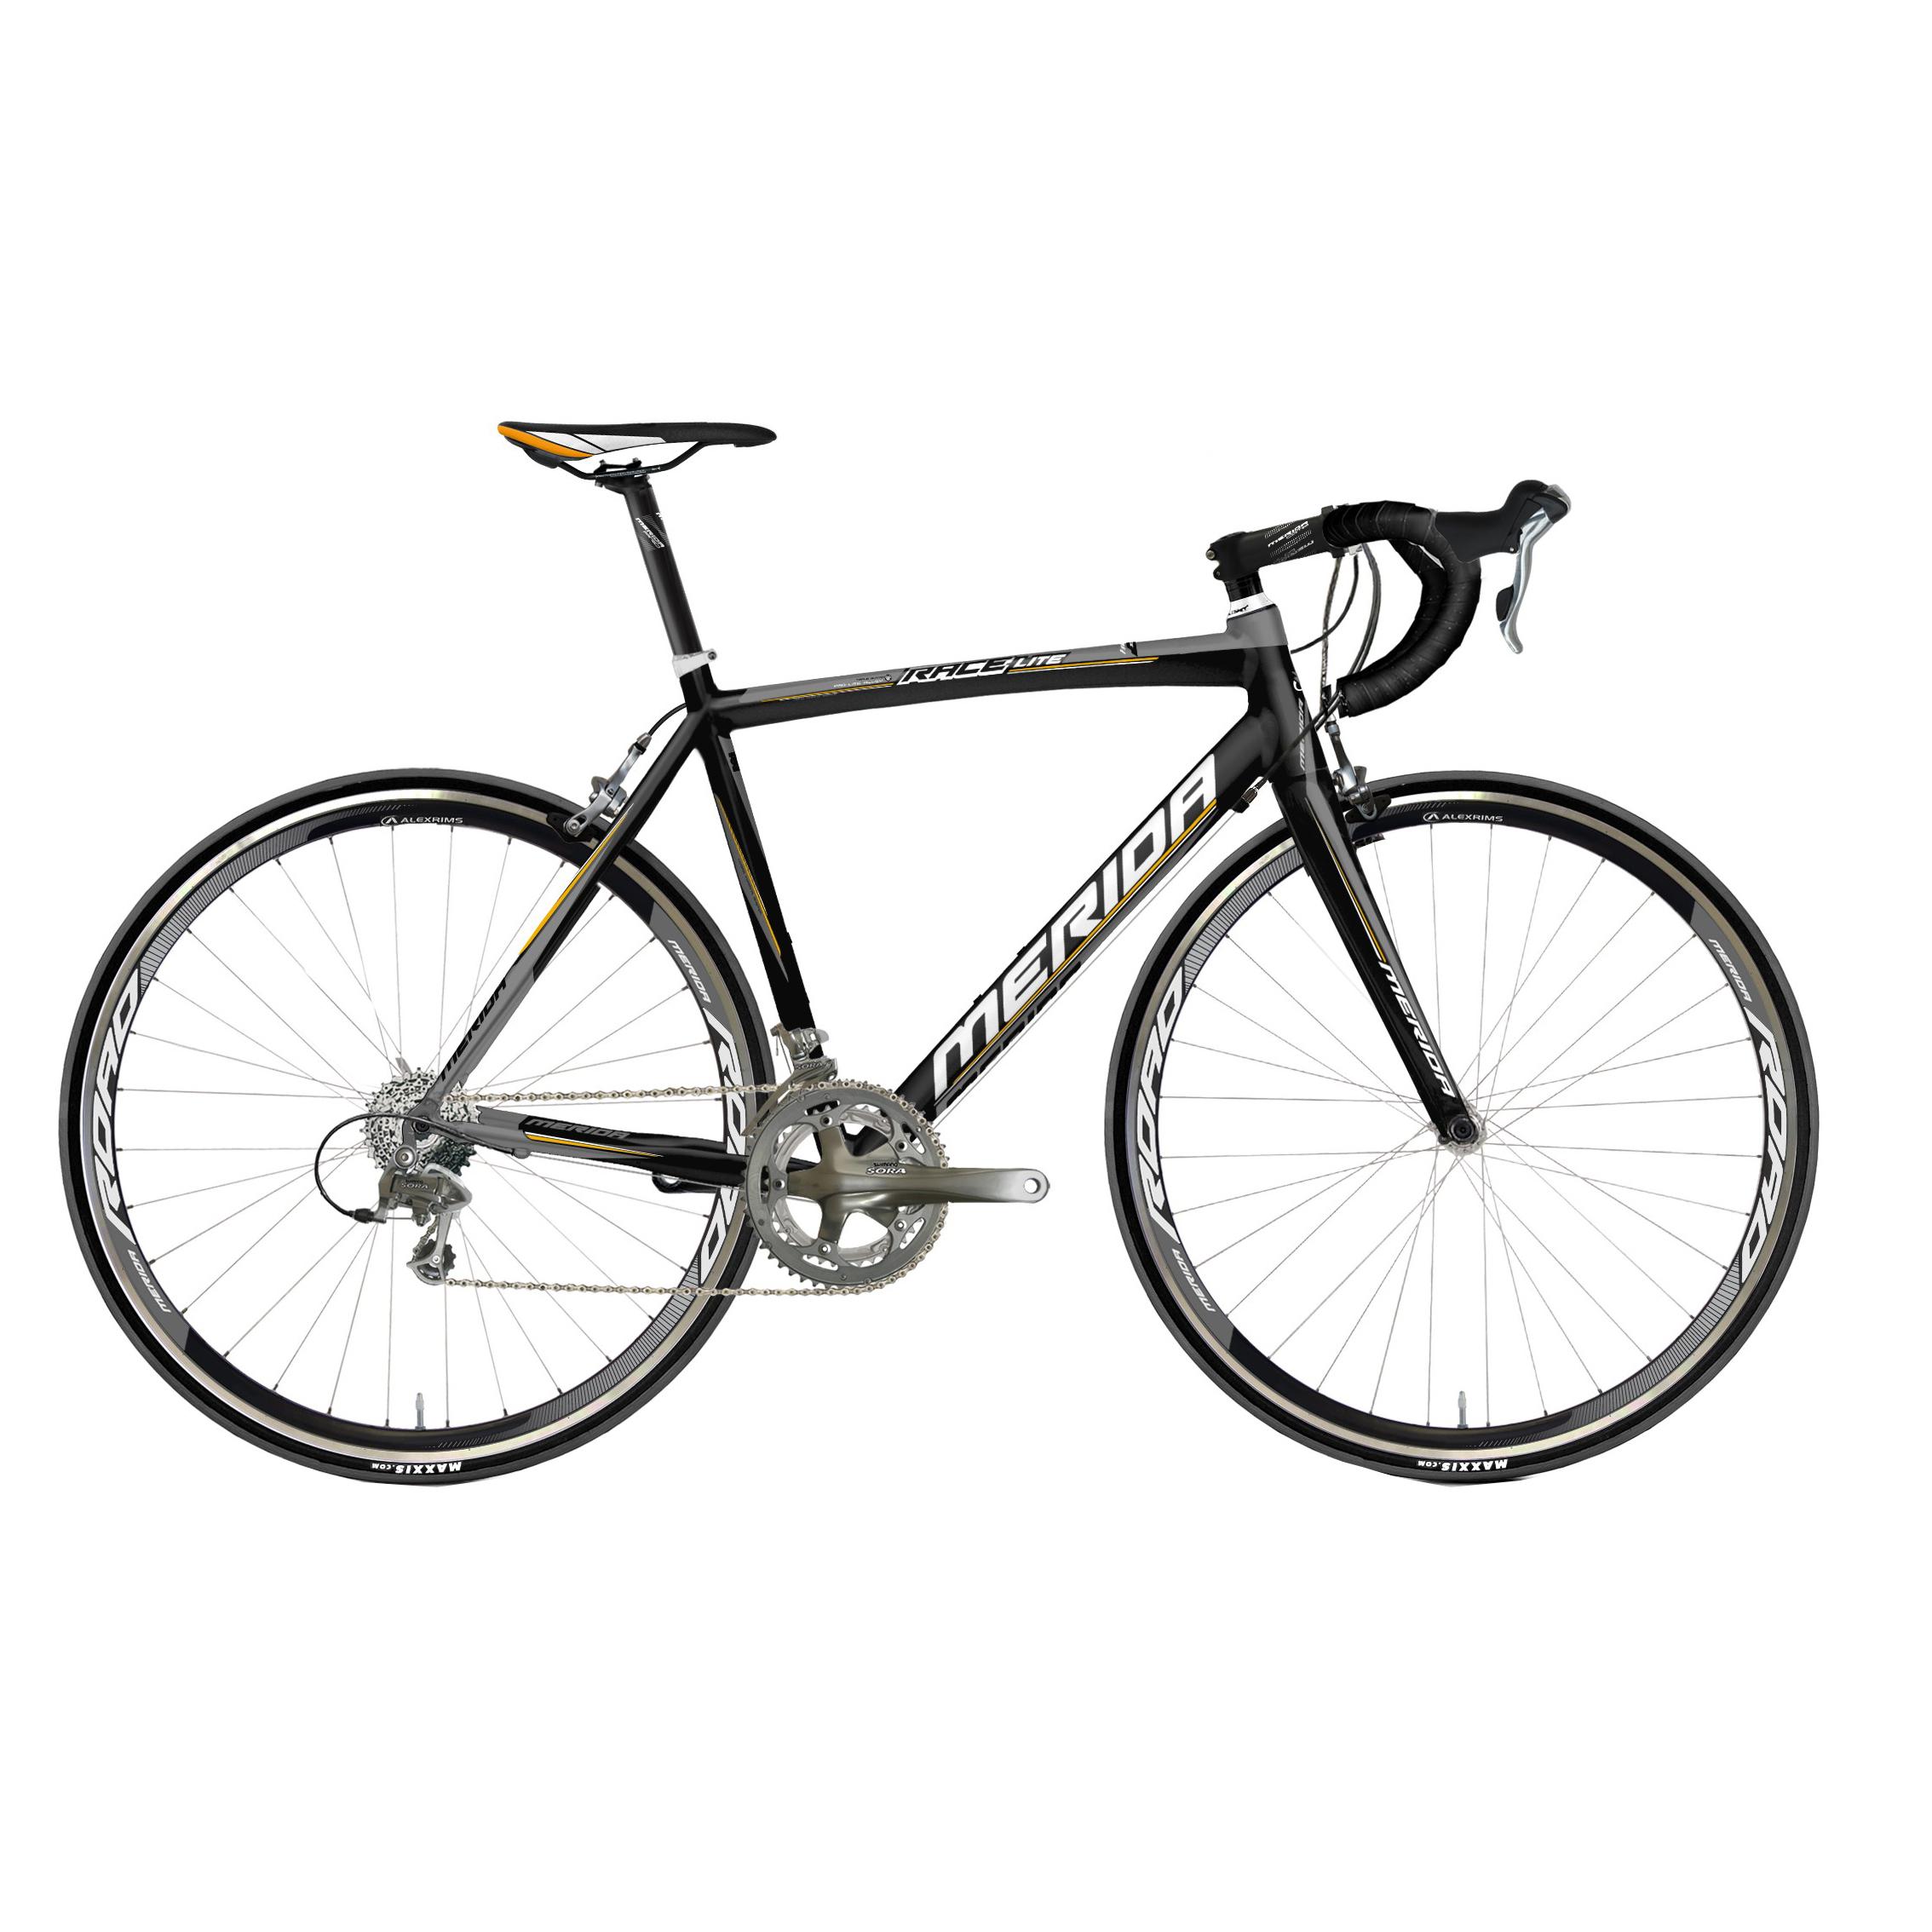 خرید                     دوچرخه کورسی مریدا مدل Race Lite 901- سایز 27.5